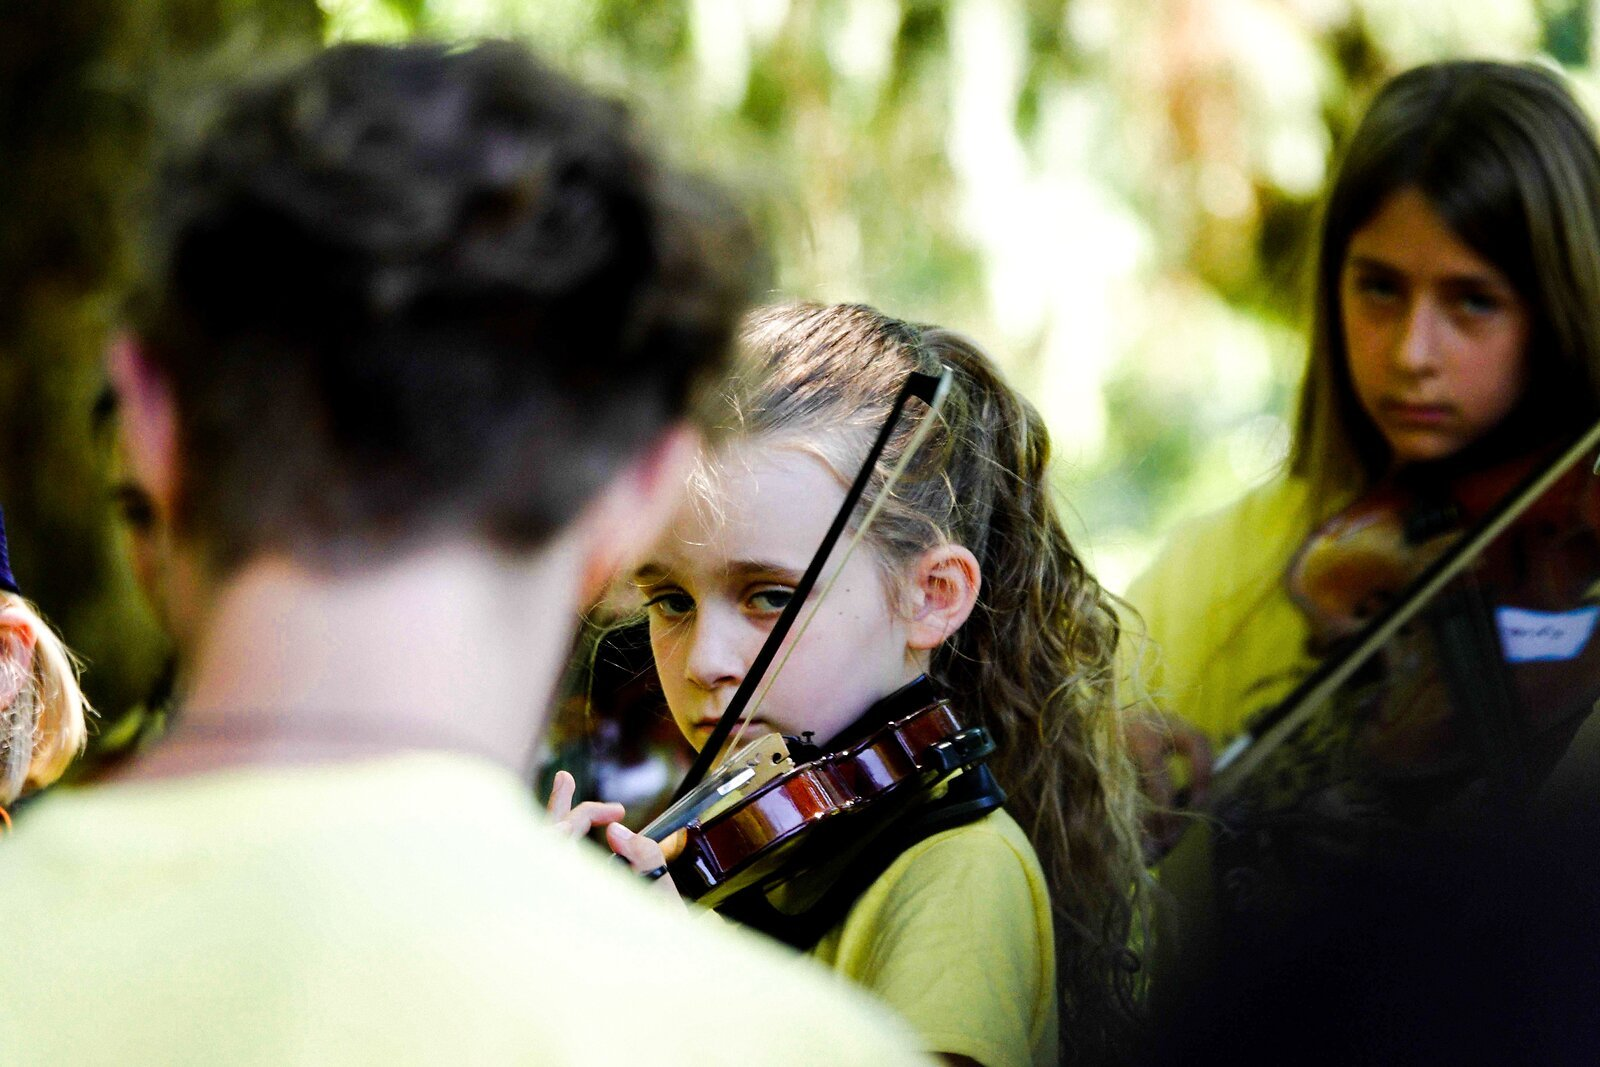 RX10_Jun25_21_young_fiddler.jpg